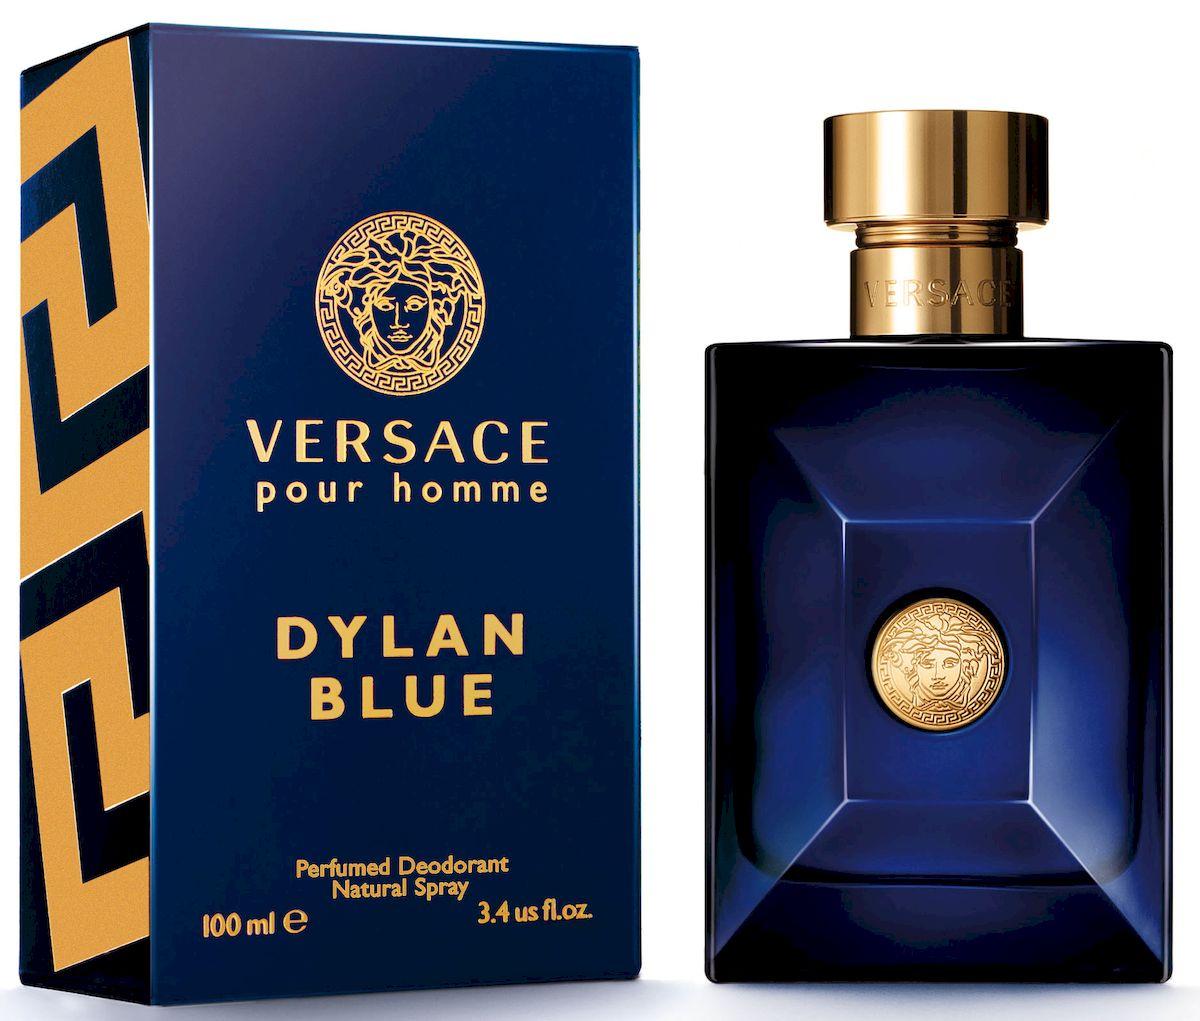 Versace Dylan Blue Дезодорант спрей 100 мл721020Dylan Blue - это воплощение современного мужчины Versace. Этот аромат с ярким индивидуальным характером пронизан мужественностью и харизмой. Уникальность этого фужерного аромата заключается в ярком древесном шлейфе - неповторимом сочетании природных компонентов и синтетических молекул последнего поколения.Верхняя нота: Калабрийский бергамот, Грейпфрут, Листья фигового дерева, Акватические ноты* (*фантазийный аккорд морской свежести).Средняя нота: Листья фиалки, Черный перец, Киприол, Амброксан, Пачули BIO.Шлейф: Минеральный мускус, Бобы тонка, Шафран, Ладан.Древесный ароматический фужерный.Dylan Blue - это воплощение современного мужчины Versace. Этот аромат с ярким индивидуальным характером пронизан мужественностью и харизмой.